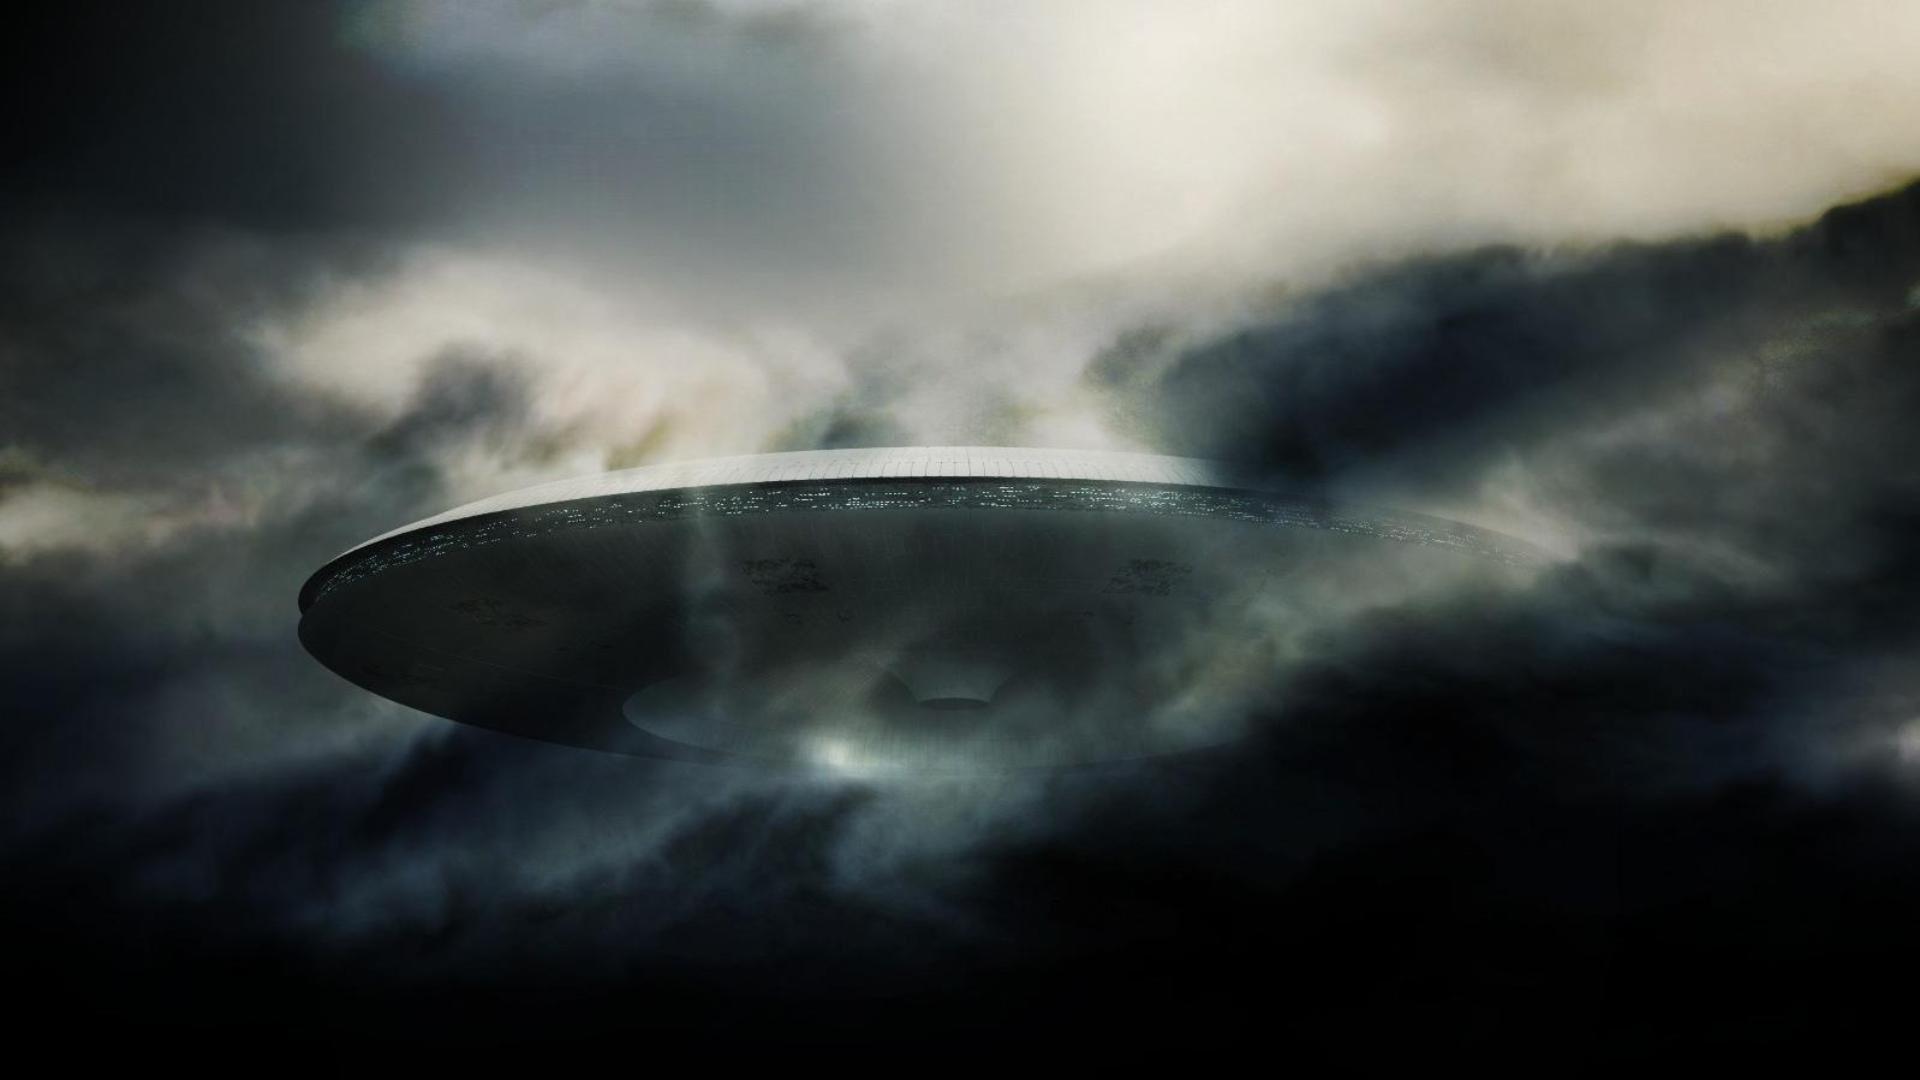 Ufo Wallpaper Picture hd